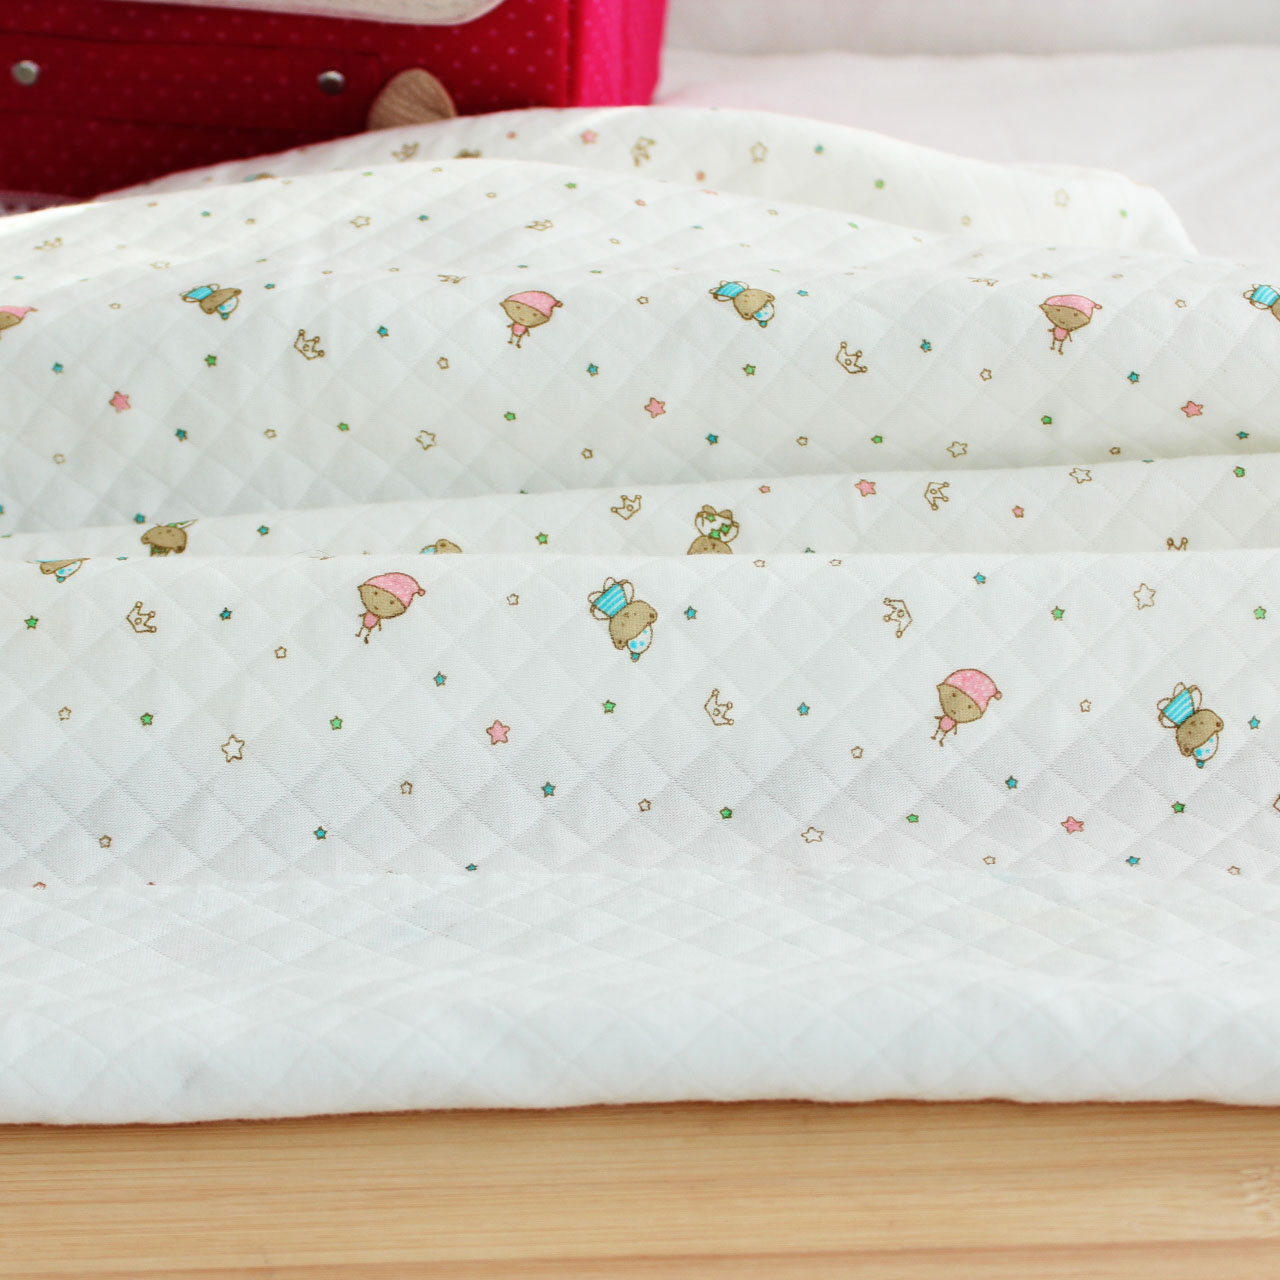 保暖夹棉针织婴儿面料 精梳纯棉空气层布匹 宝宝贴身棉布布料